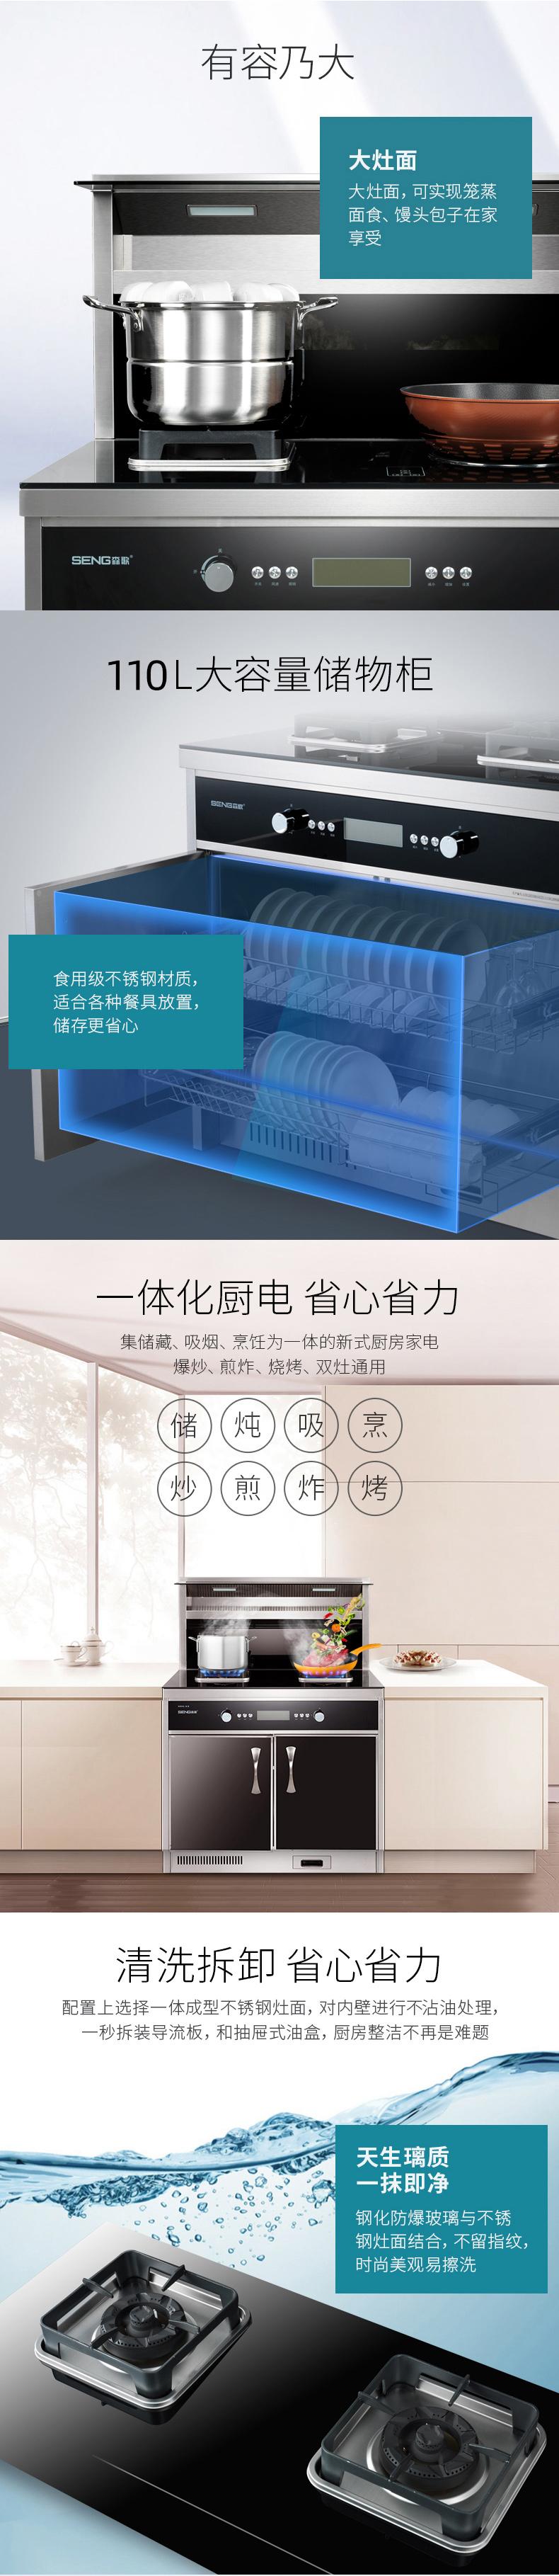 森歌Q1集成灶功能介绍